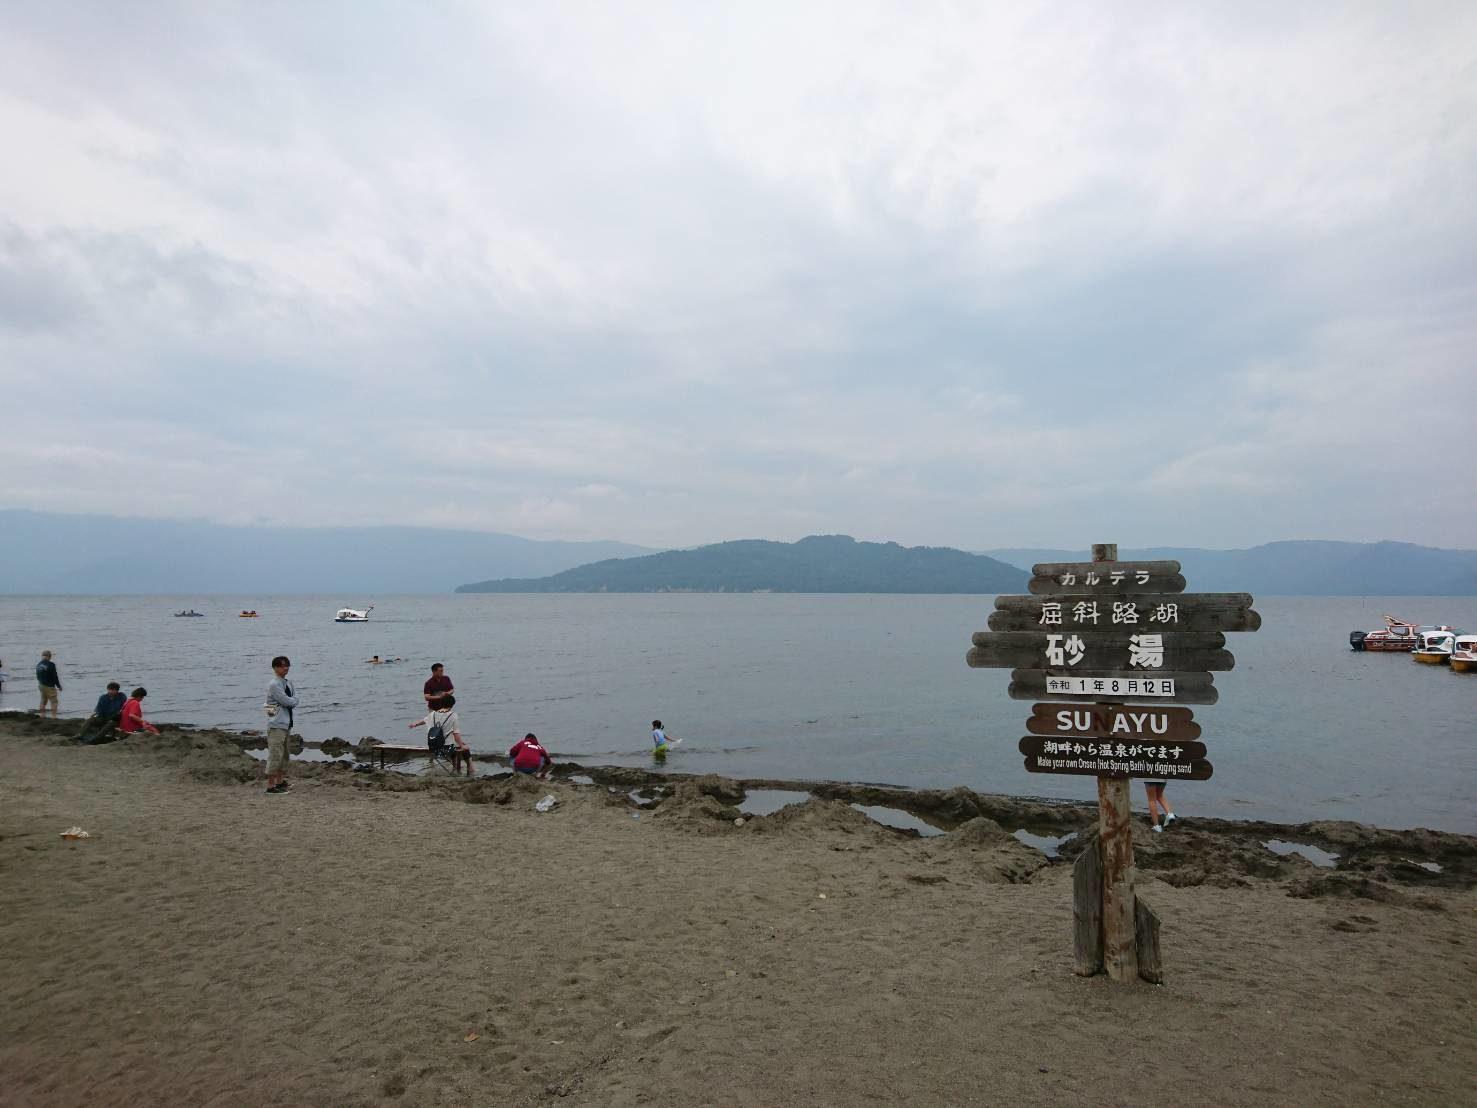 道東へ!阿寒湖のアイヌ村と屈斜路湖の砂湯を満喫!